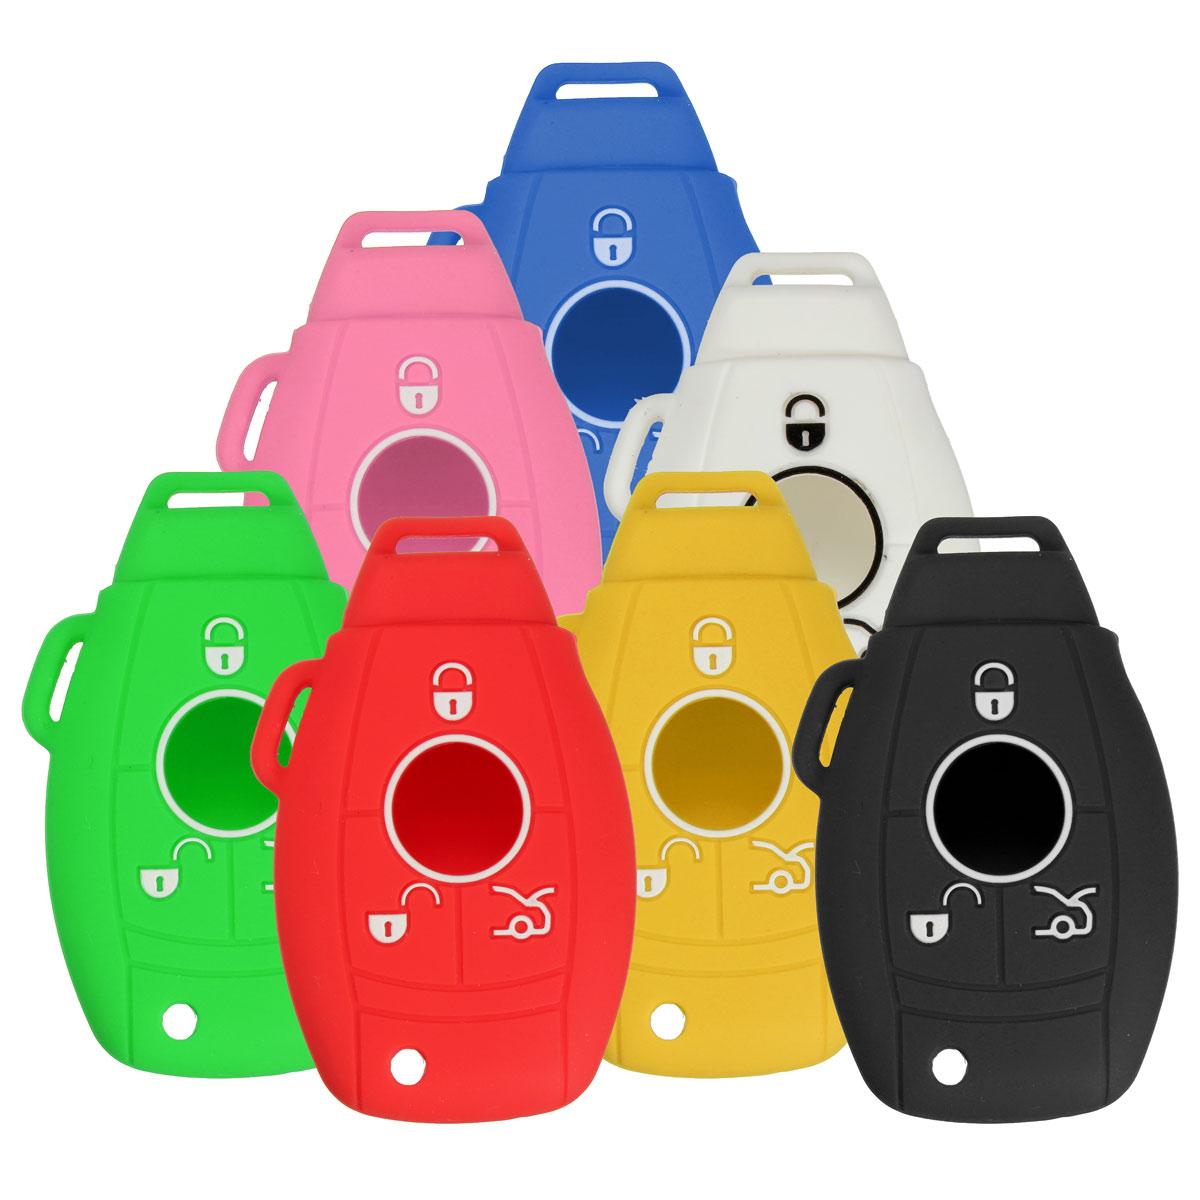 3/4 Button Silicone Remote Key Cover Protective C